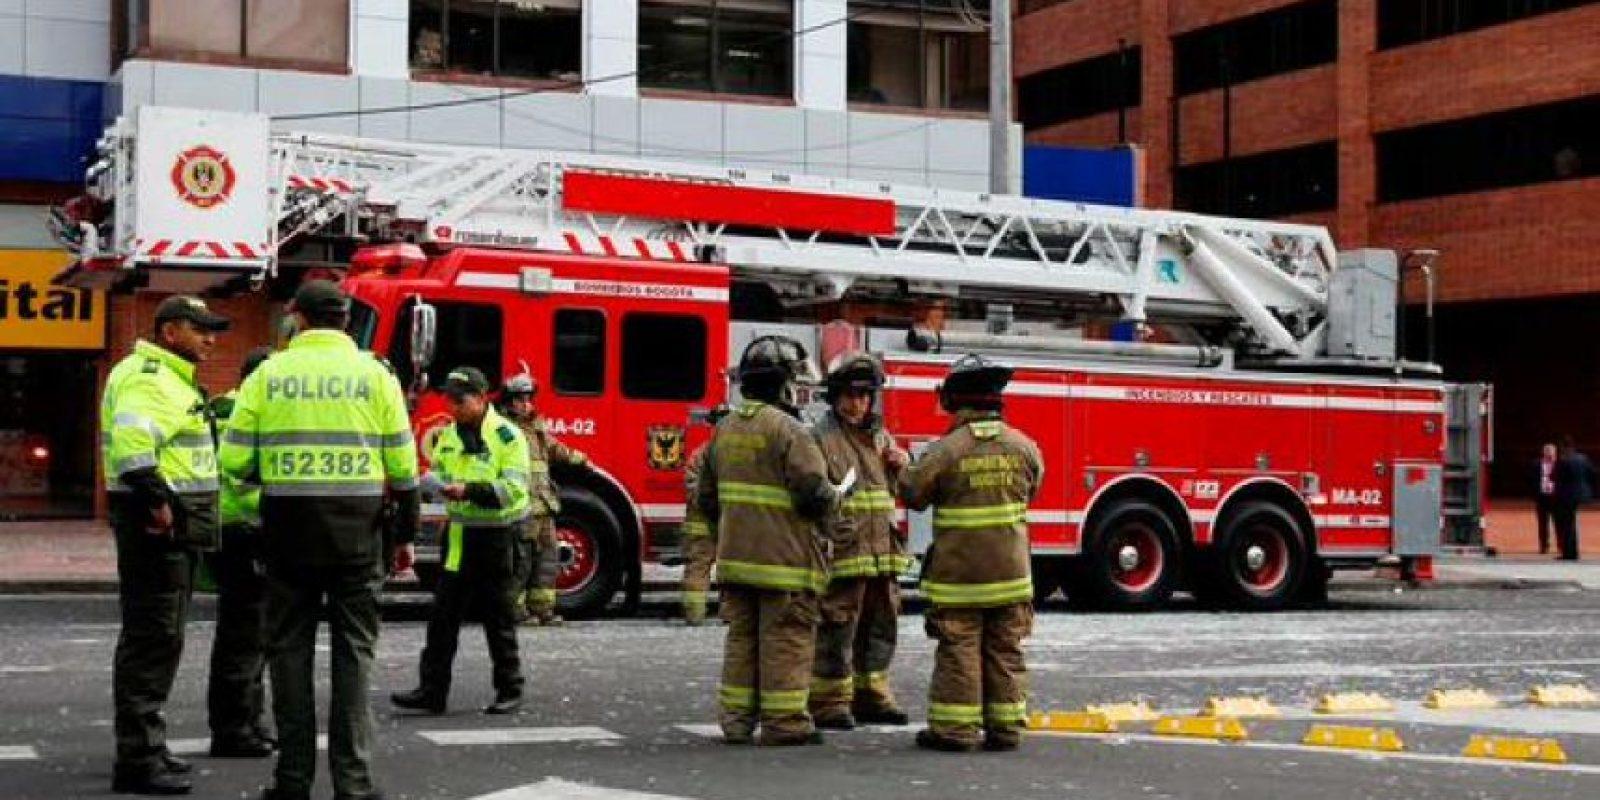 15 personas fueron detenidas por atentados como los petardos puestos en Bogotá el pasado jueves. Foto:Archivo Publimetro